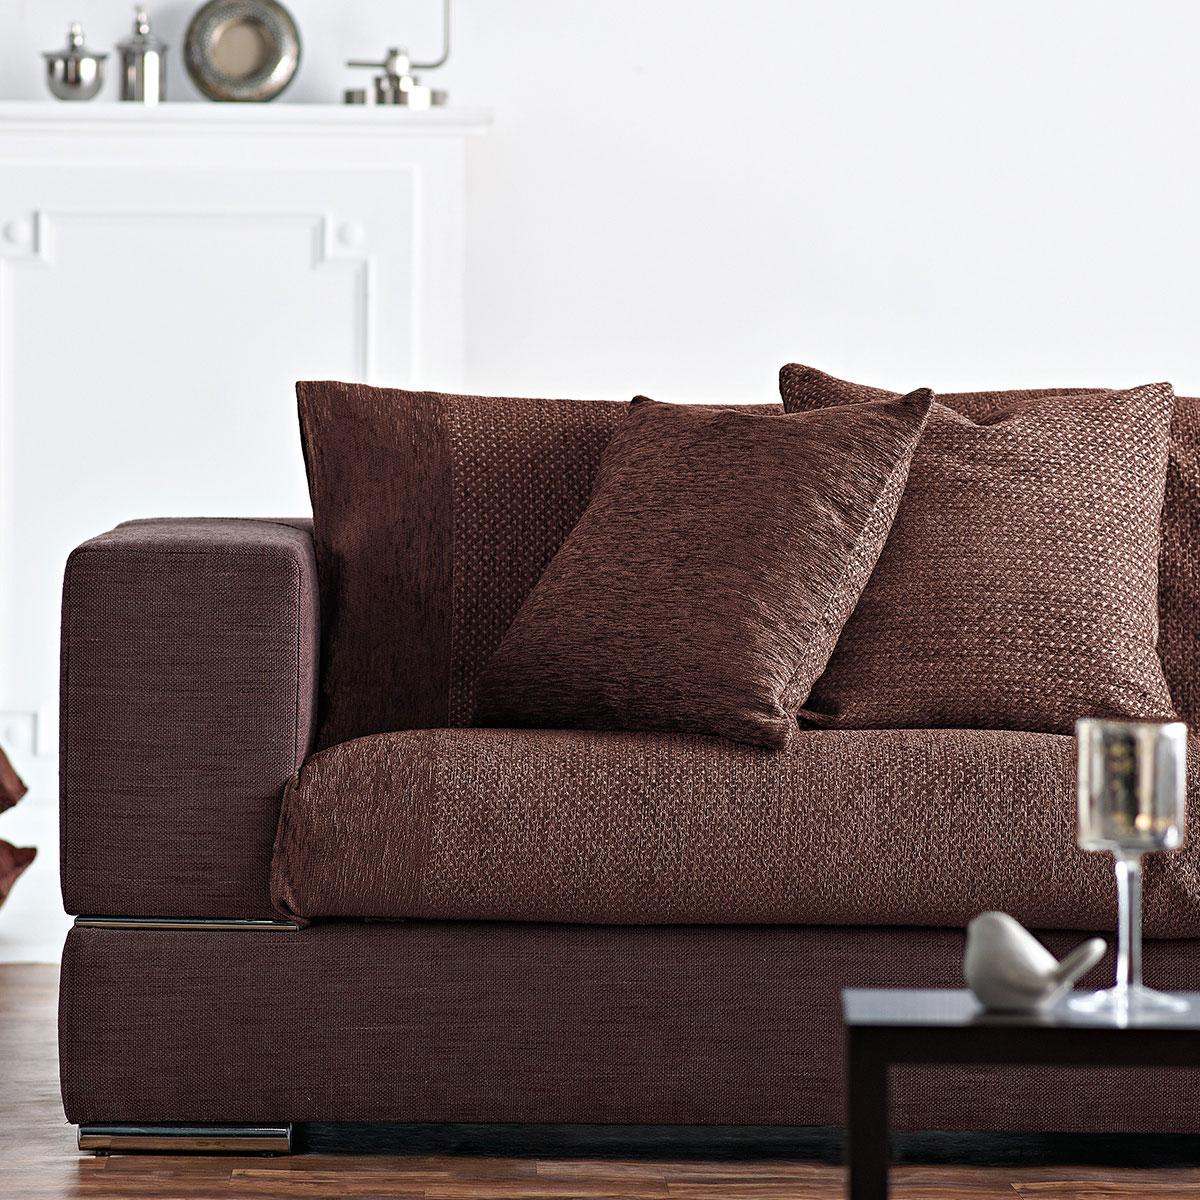 Ριχτάρι Τριθέσιου (180×310) Gofis Home 625 Brown